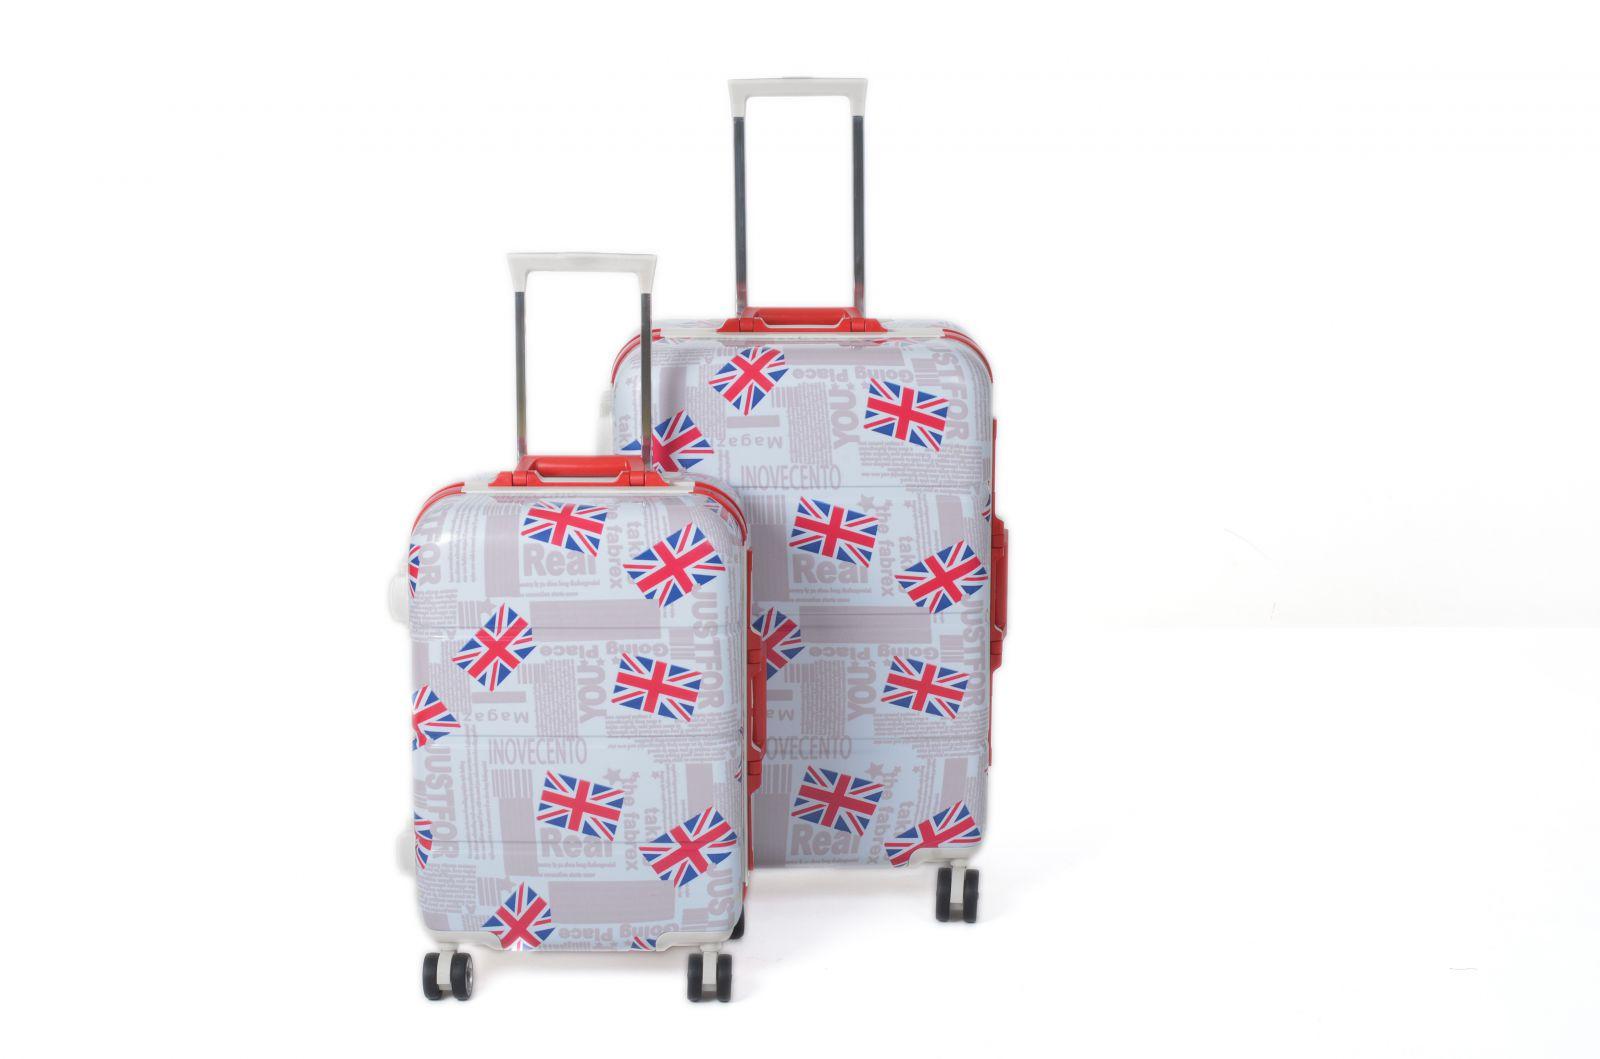 kopie Cestovní kufry dvojsada ABS BL-A29E